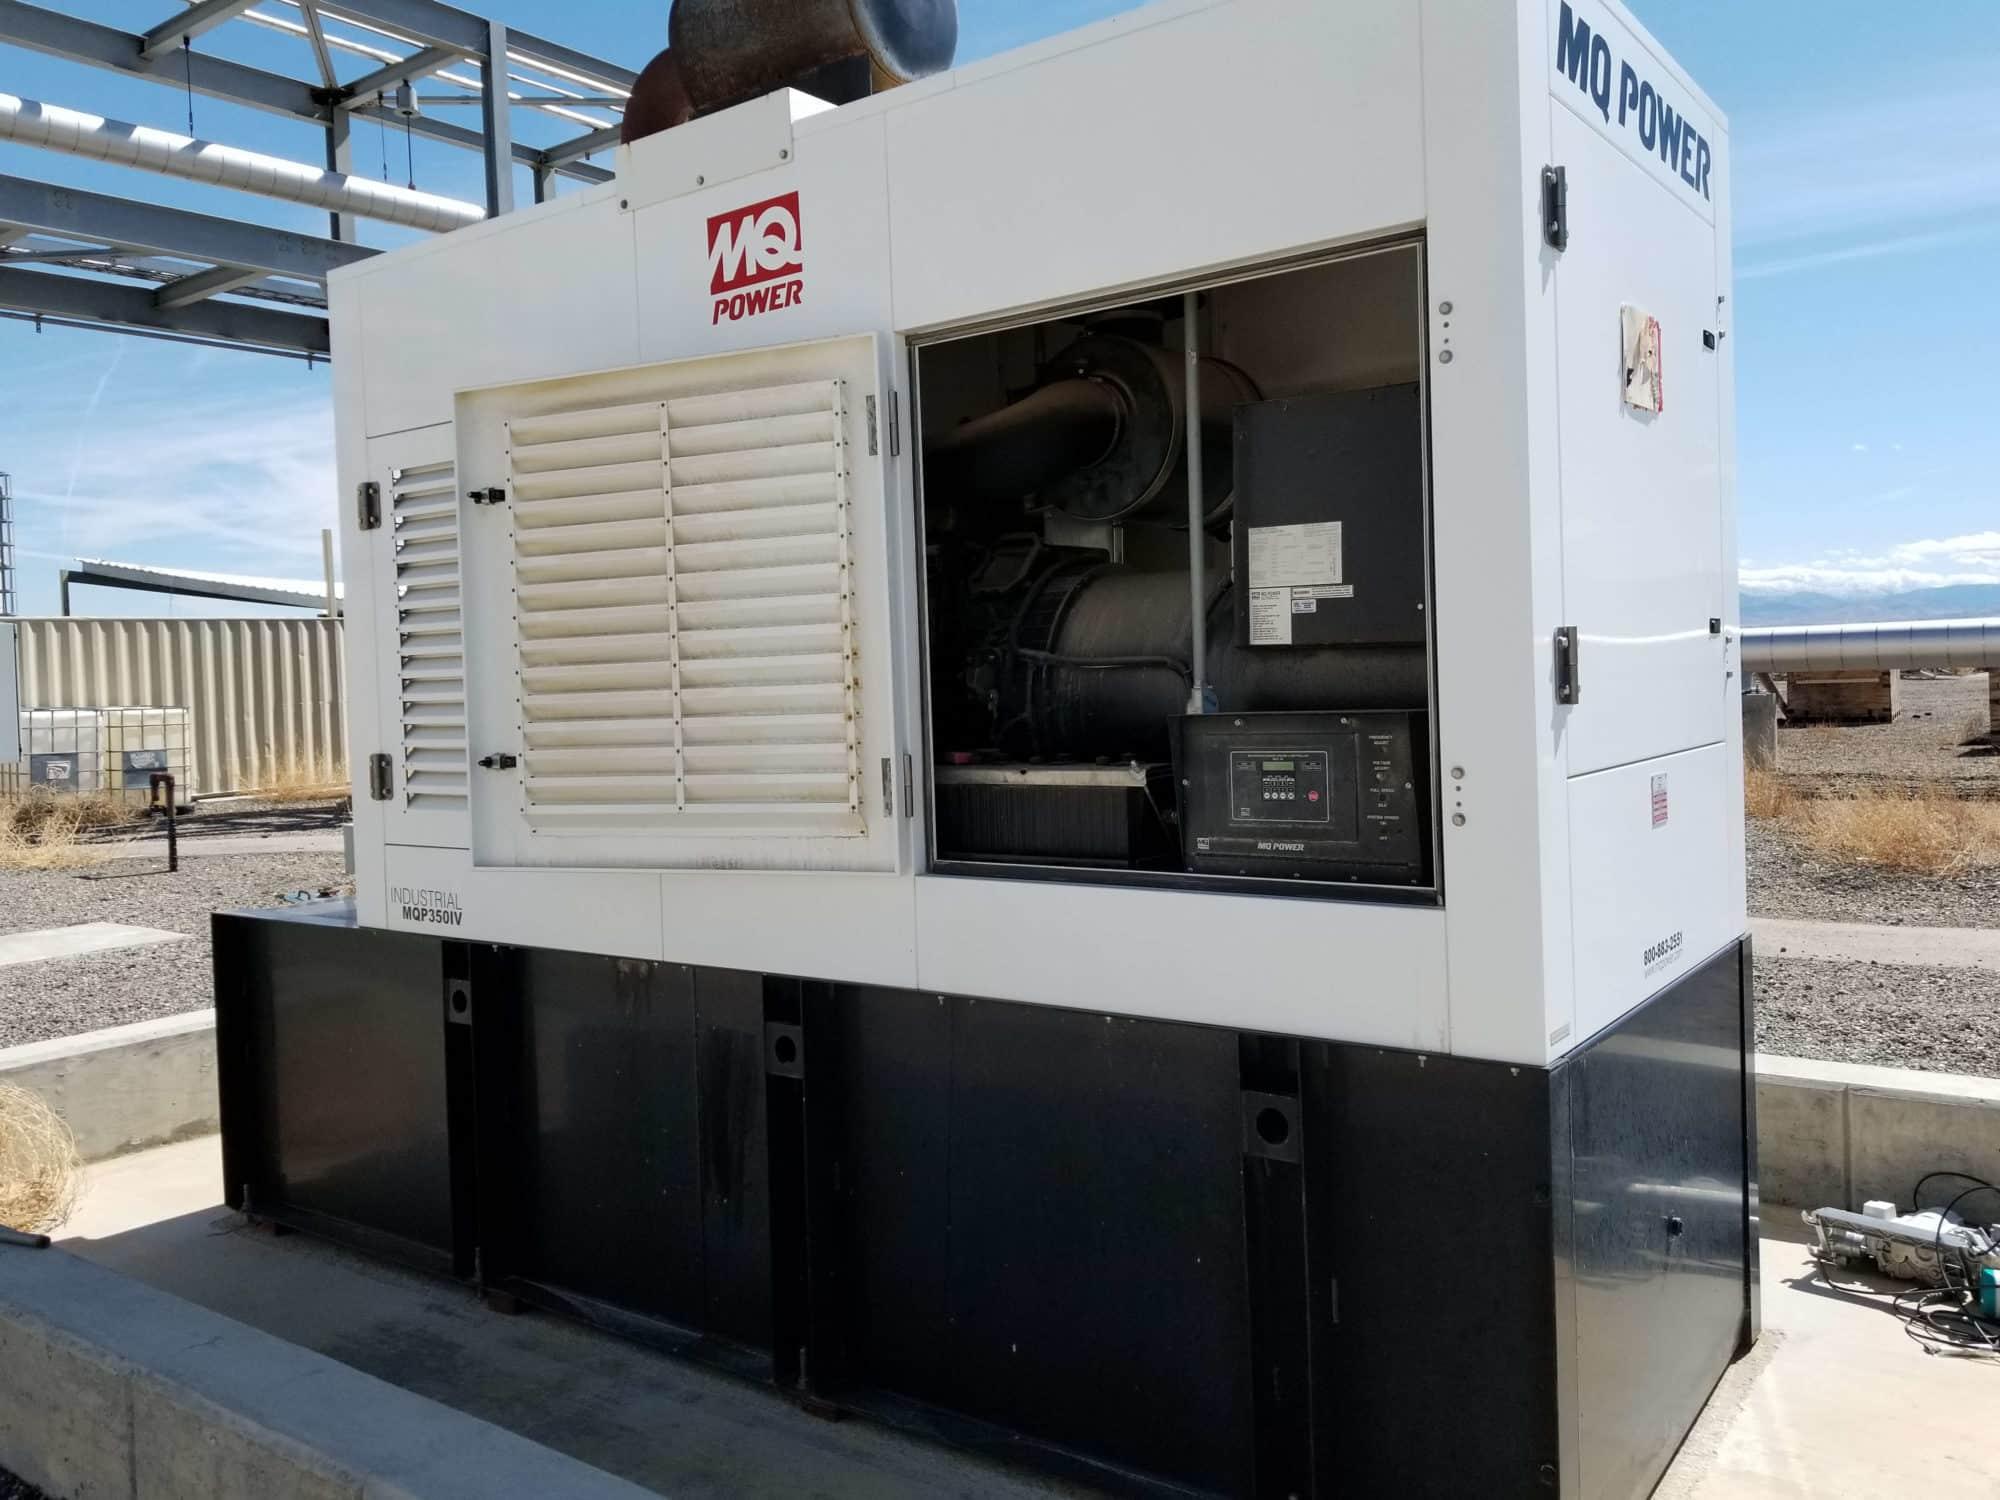 Used 350 kW Multiquip Diesel Generator – EPA Tier 3